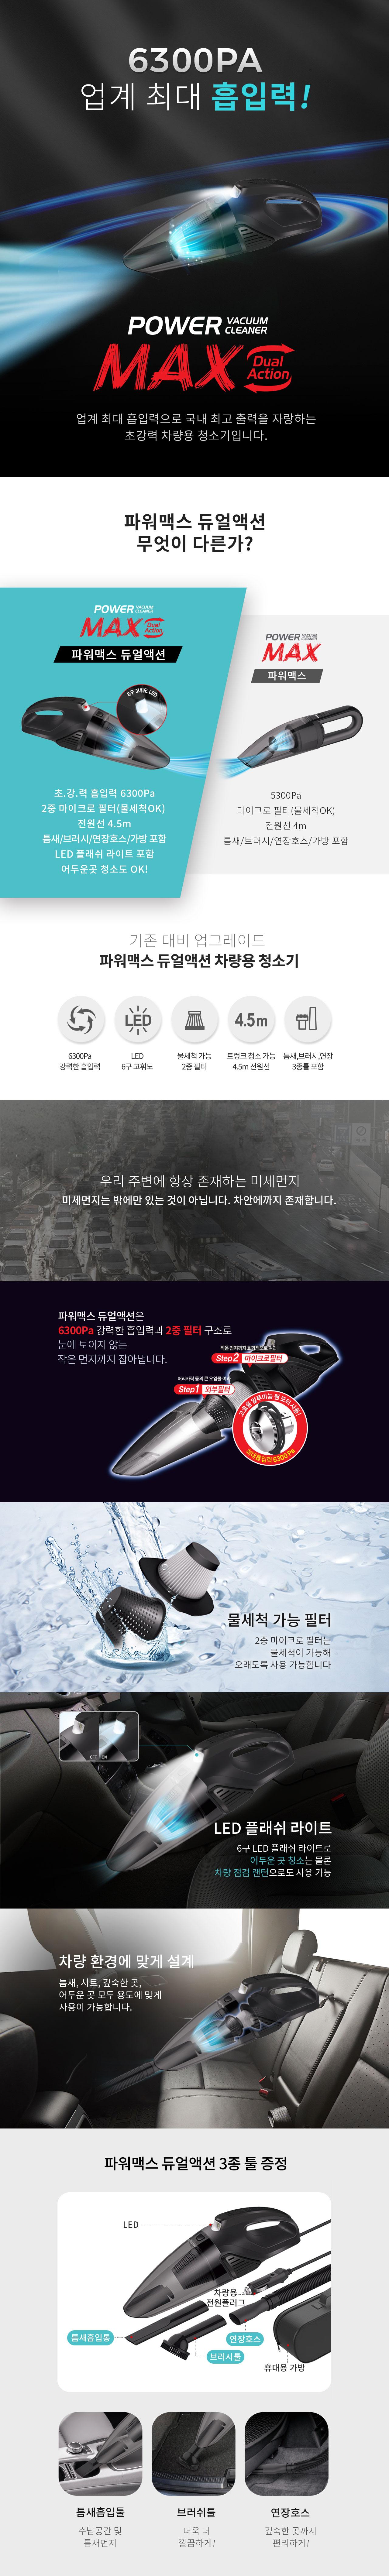 [불스원] 차량용 청소기